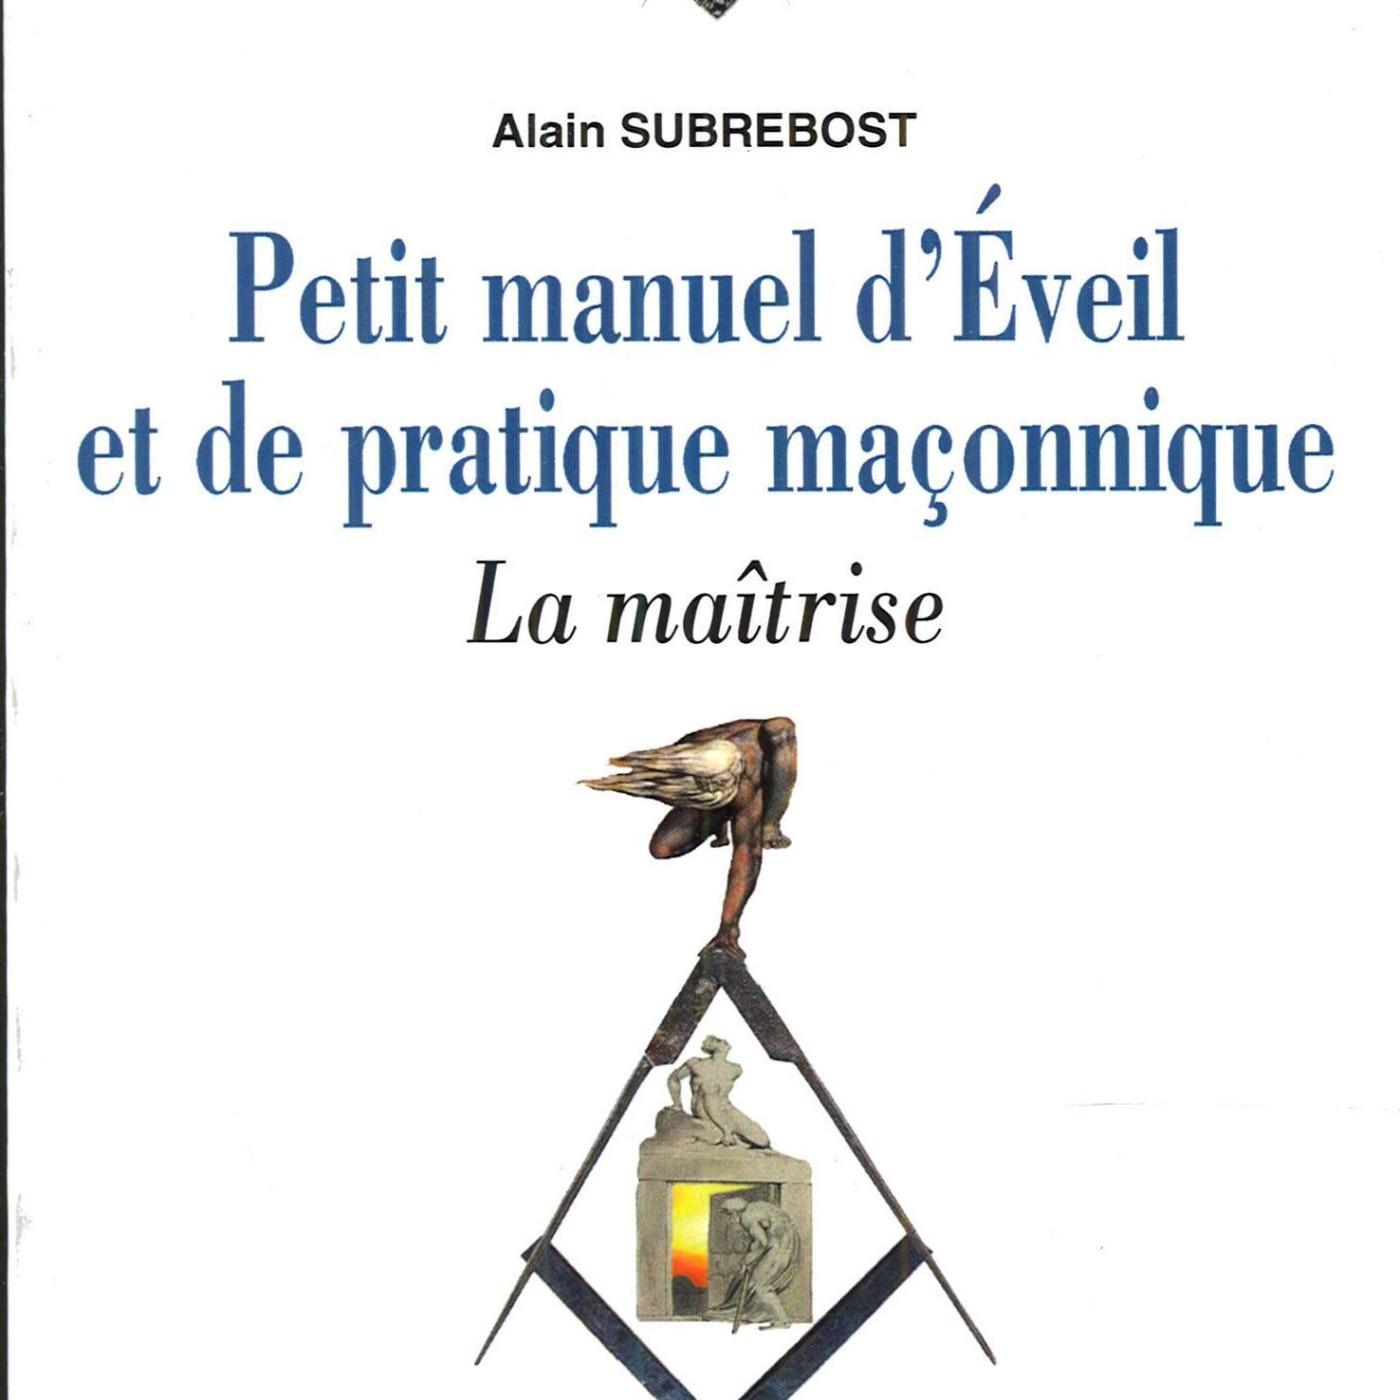 Alain subrebost - Petit manuel d'eveil pratique et de pratique maconnique